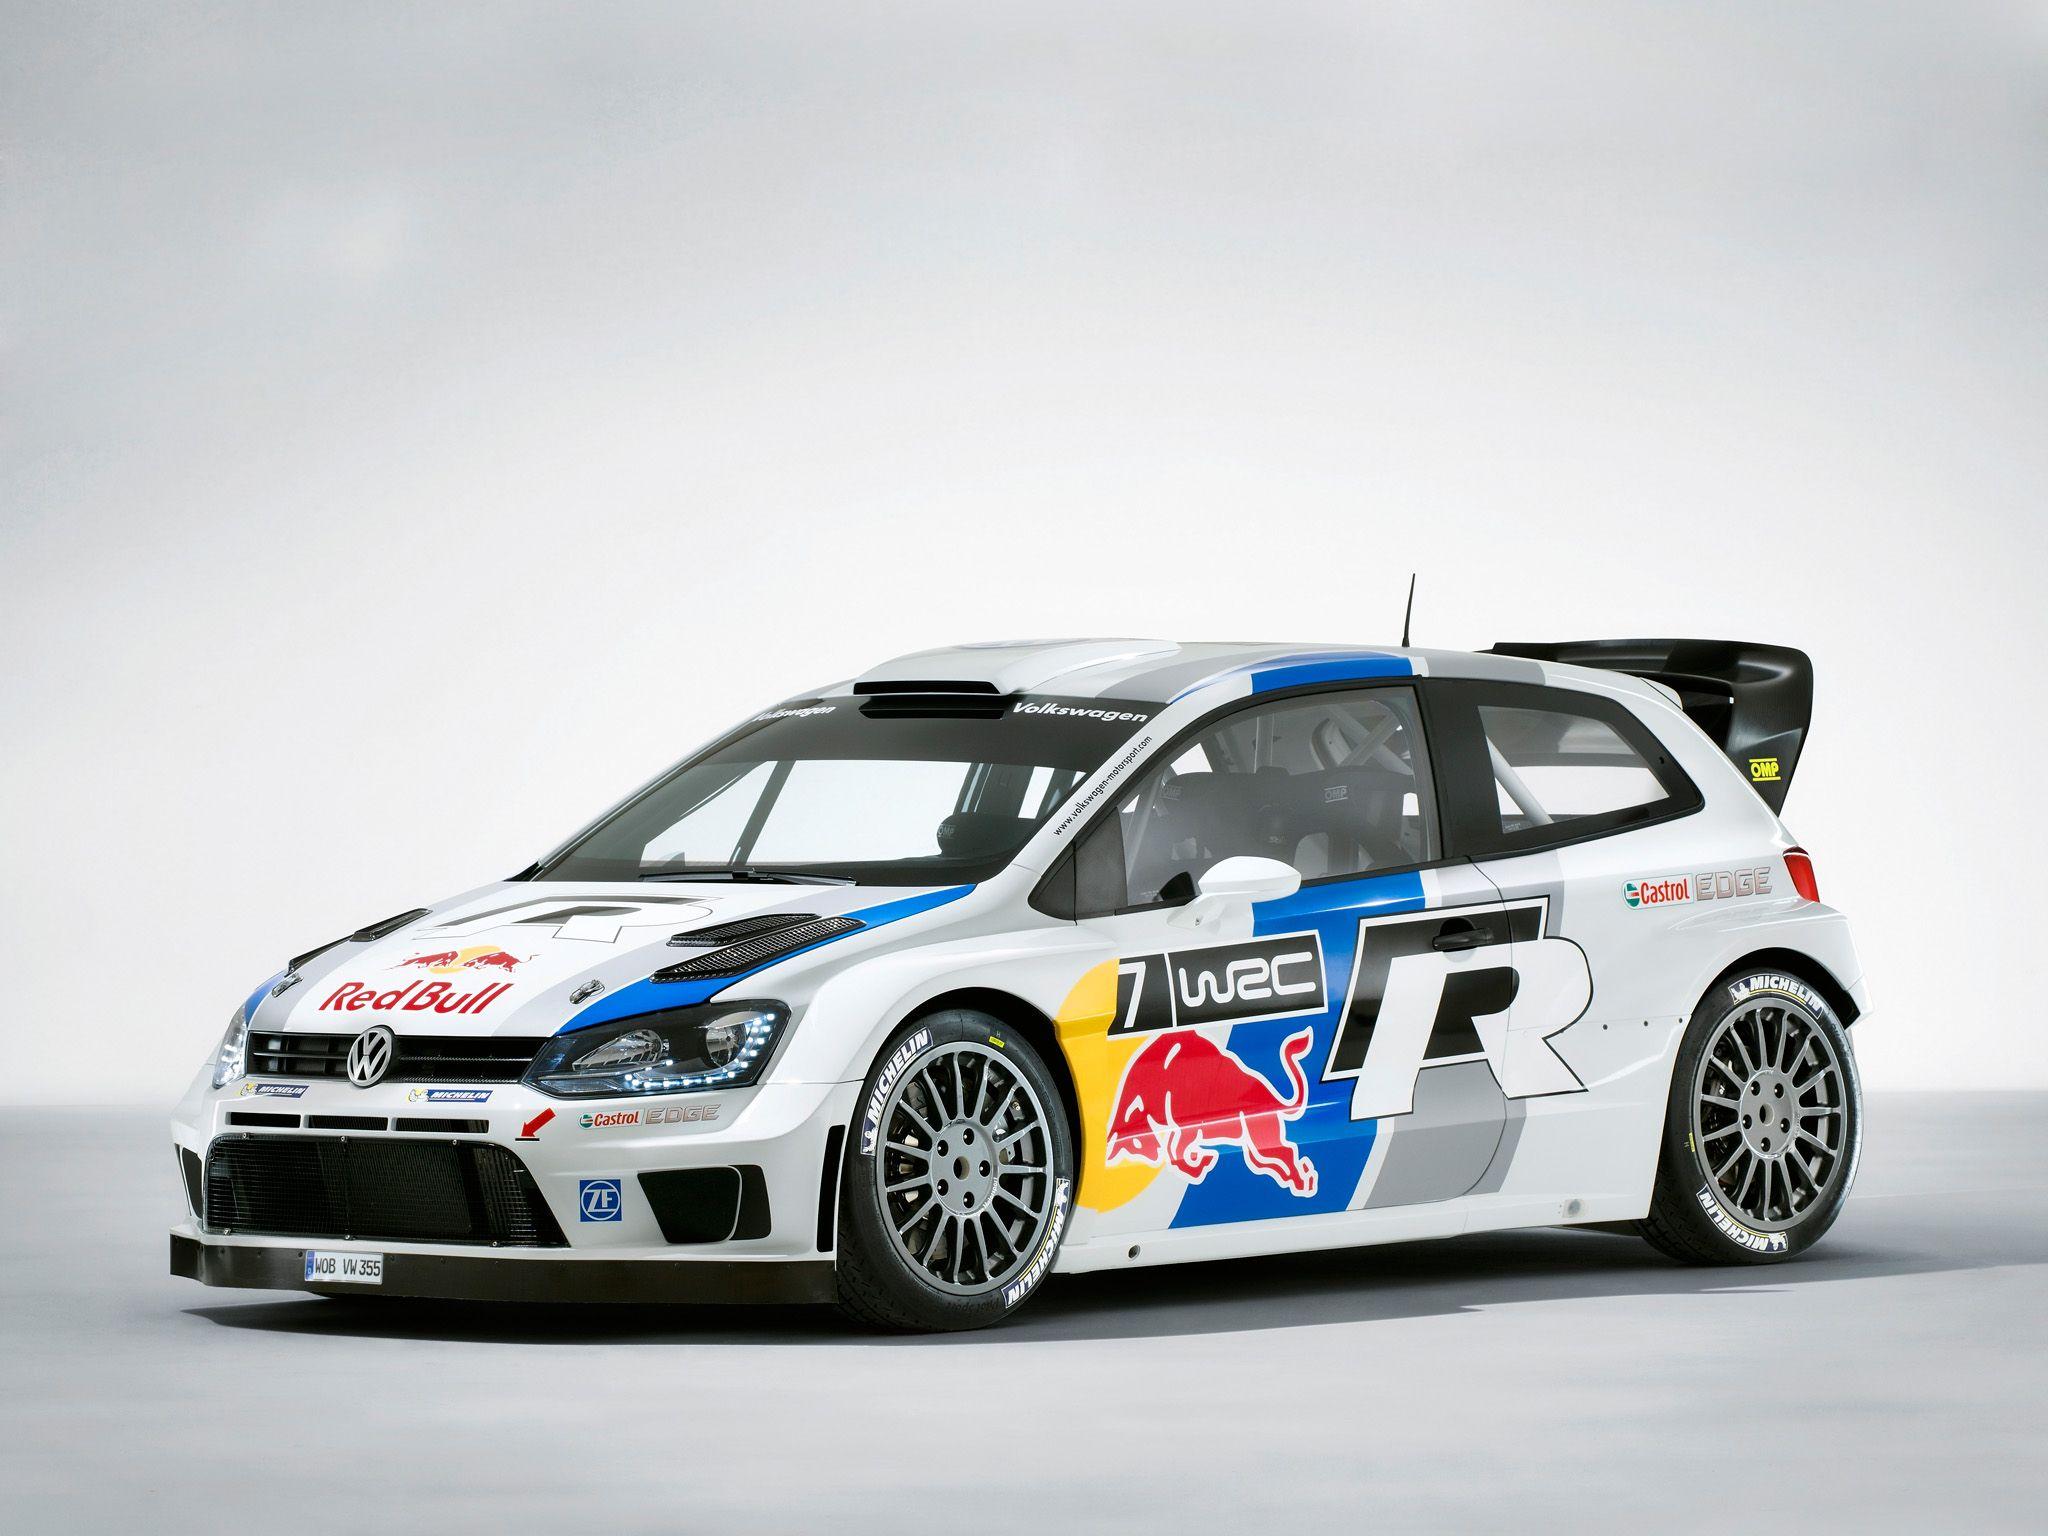 Vw Polo R Wrc Volkswagen Polo Rally Car Rally Car Racing